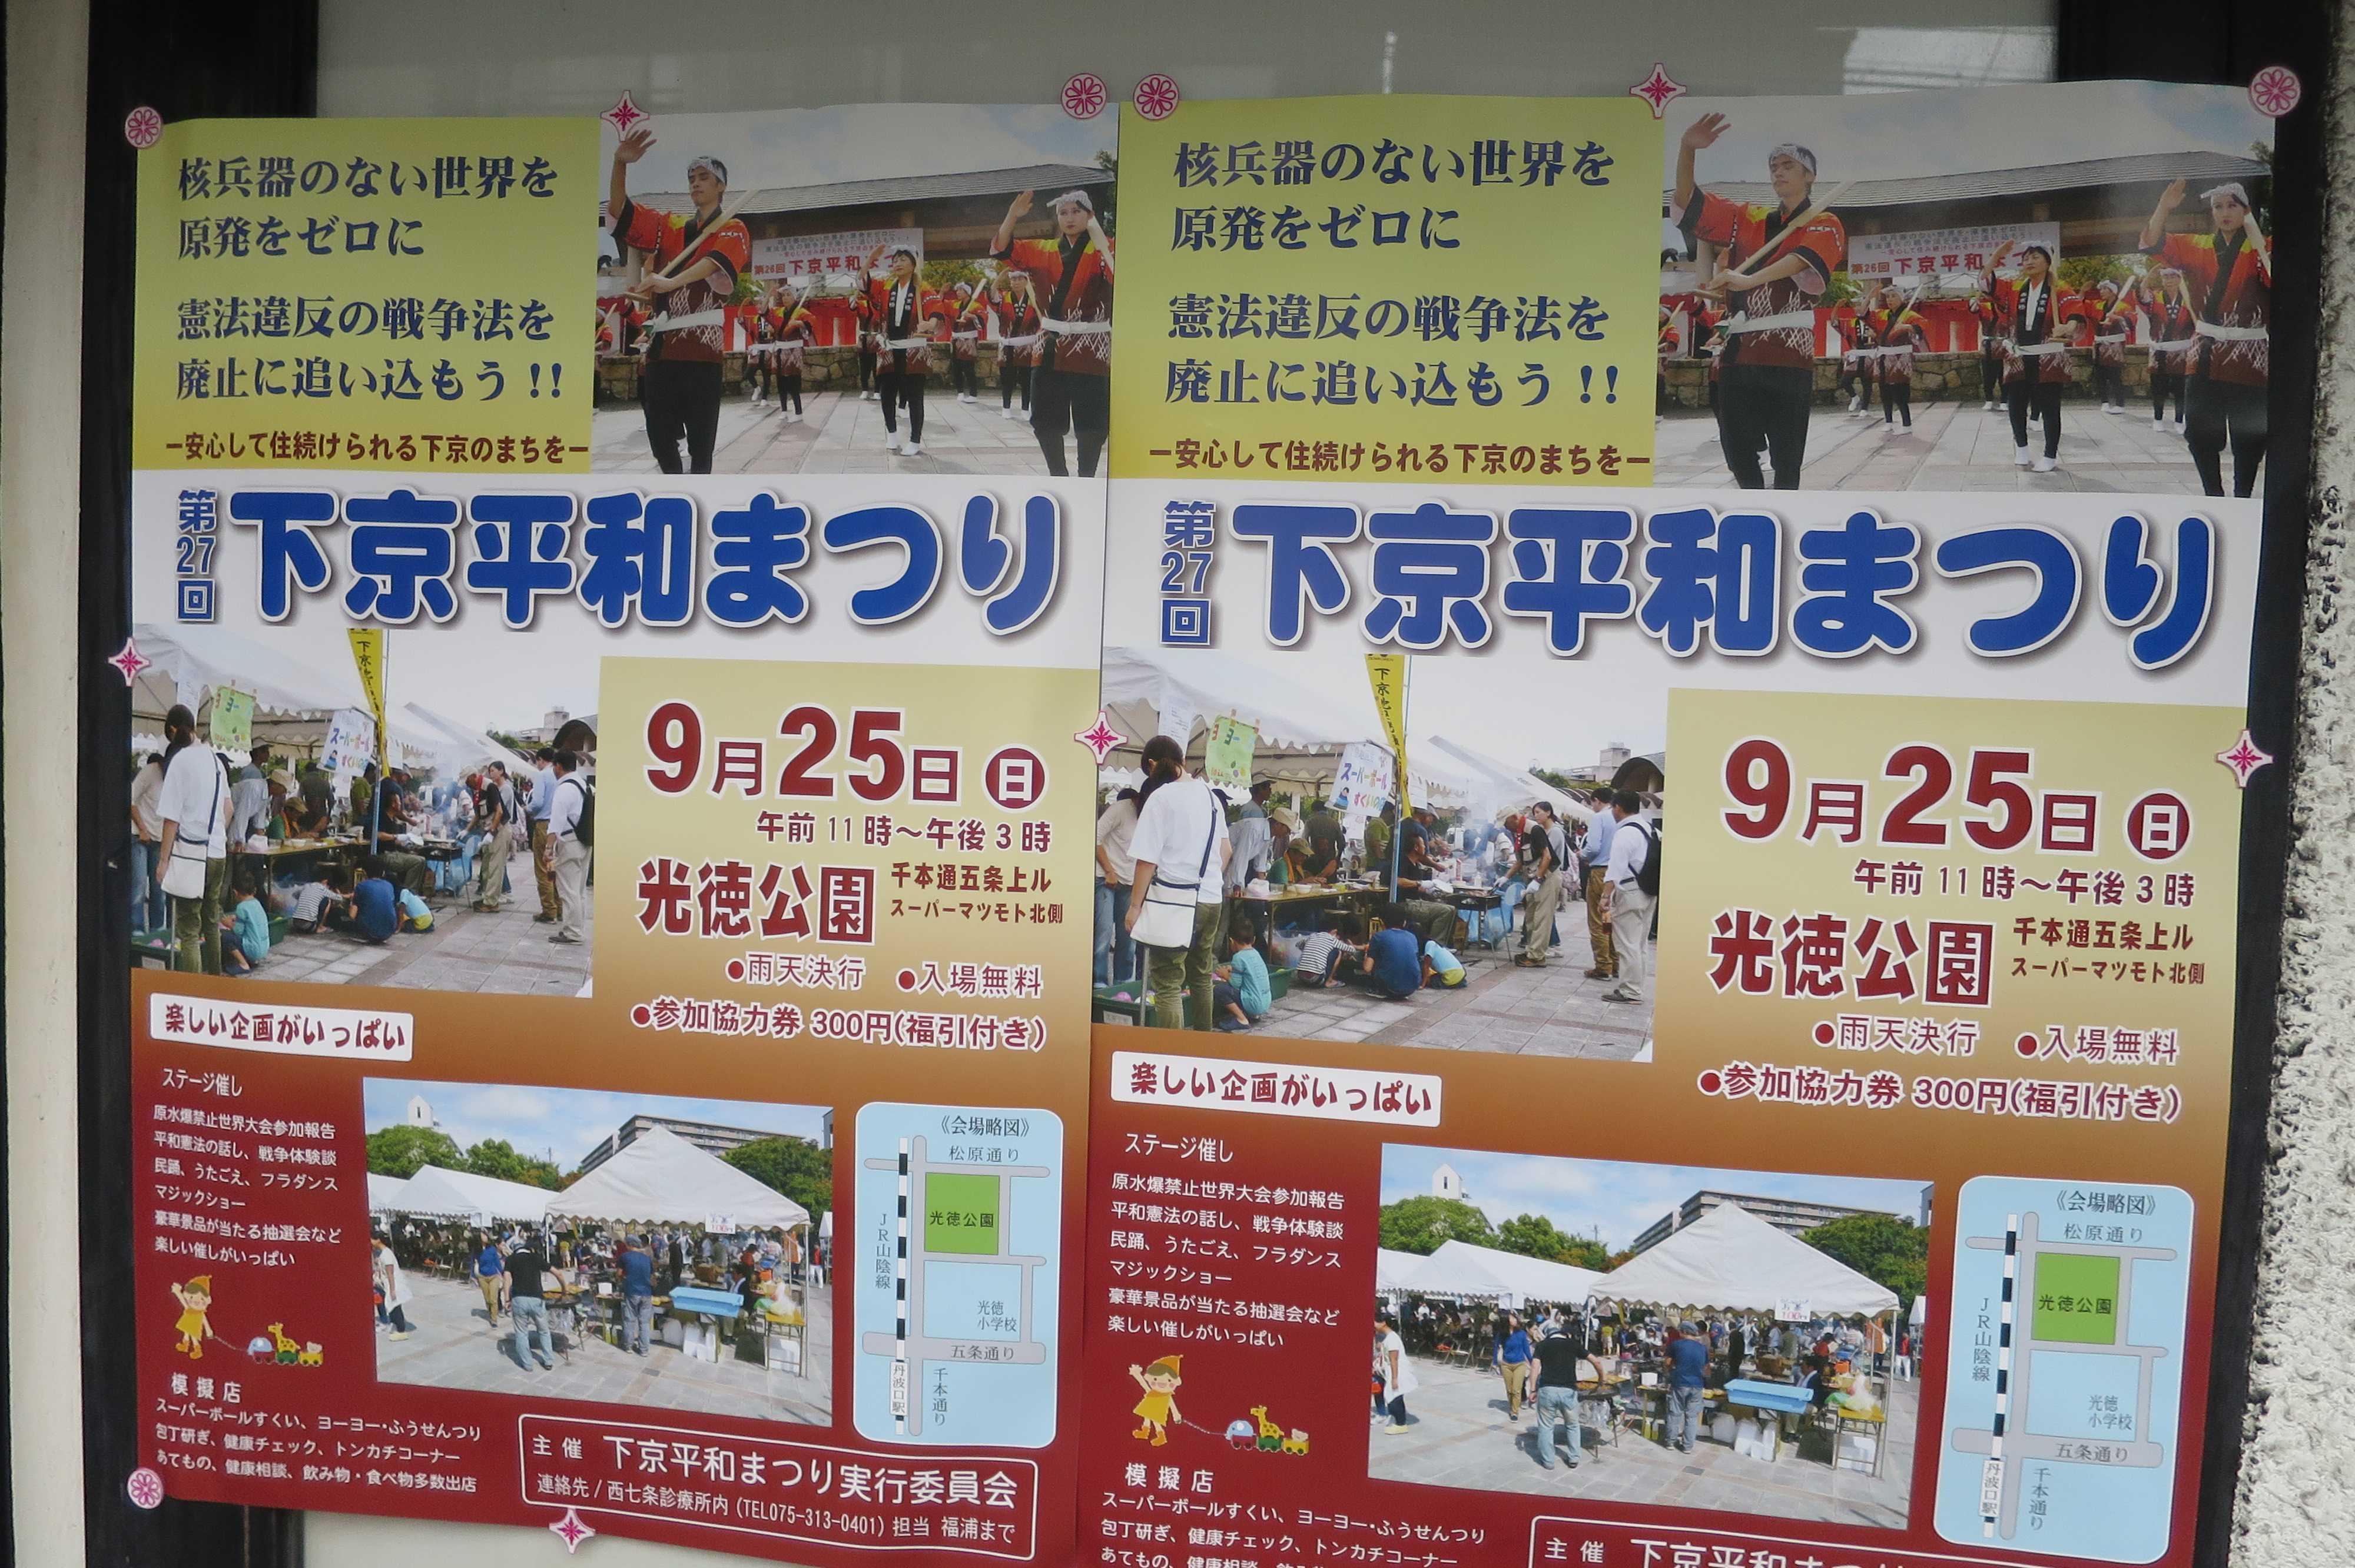 第27回 下京平和まつりのポスター